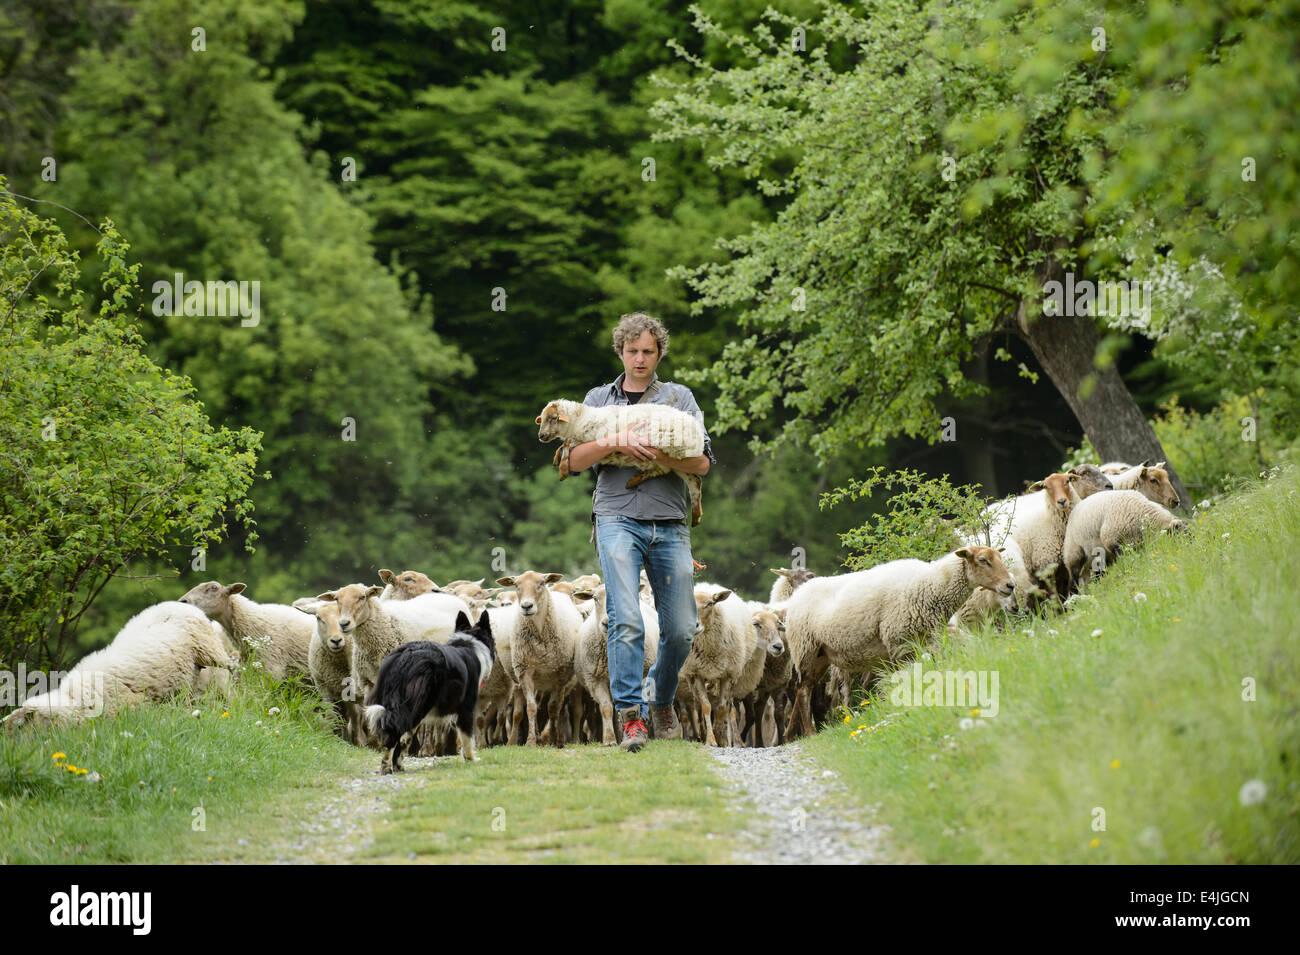 Schäfer mit einer Herde von Schafen nachfolgen, tragen ein verletzt Lamm. Stockbild